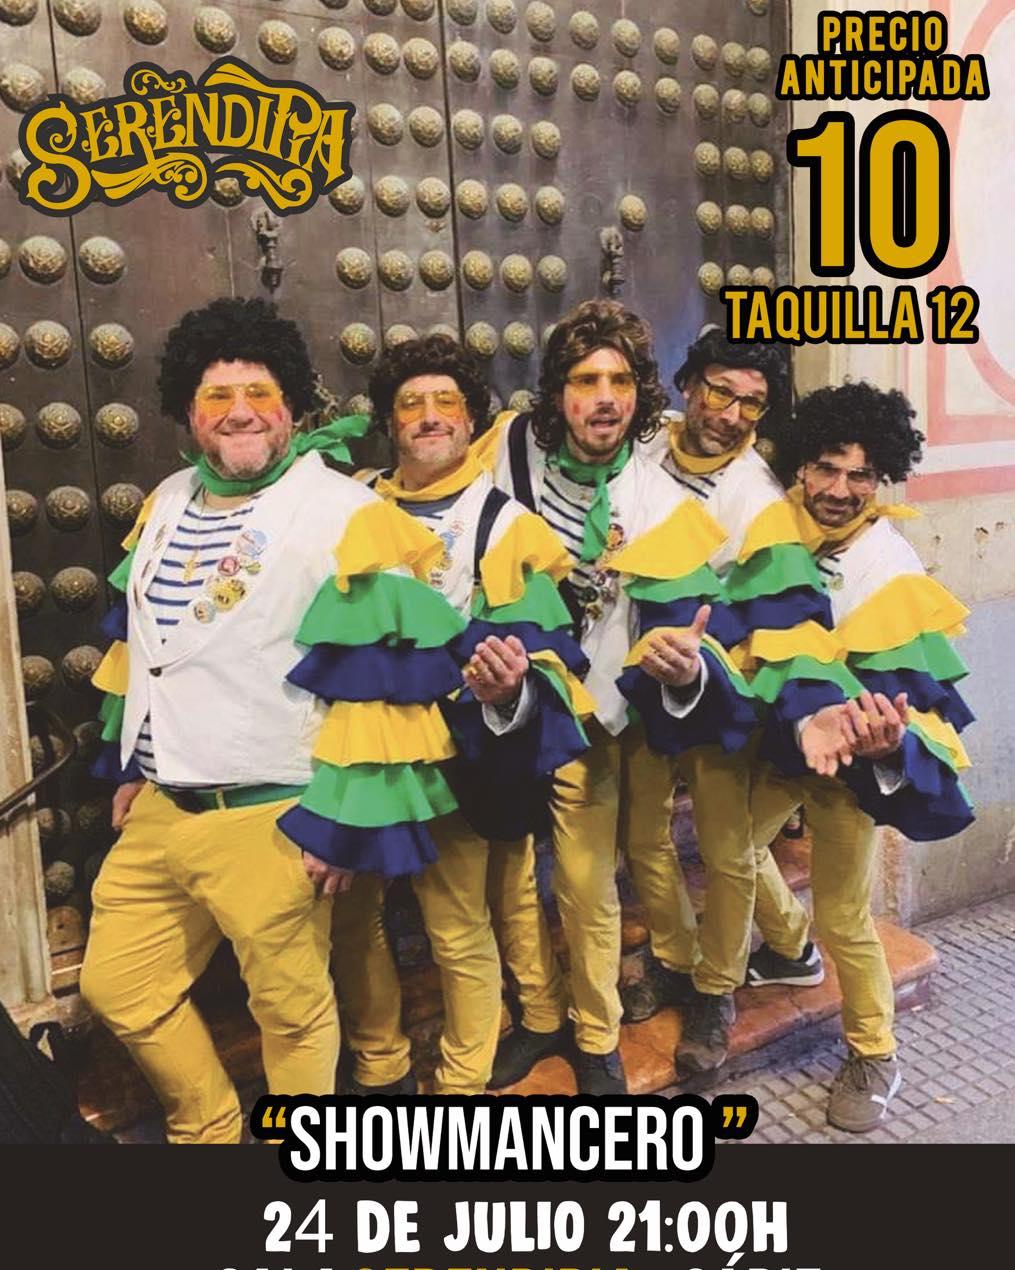 Noche de Carnaval con la actuación de Showmancero en Sala Serendipia, Cádiz